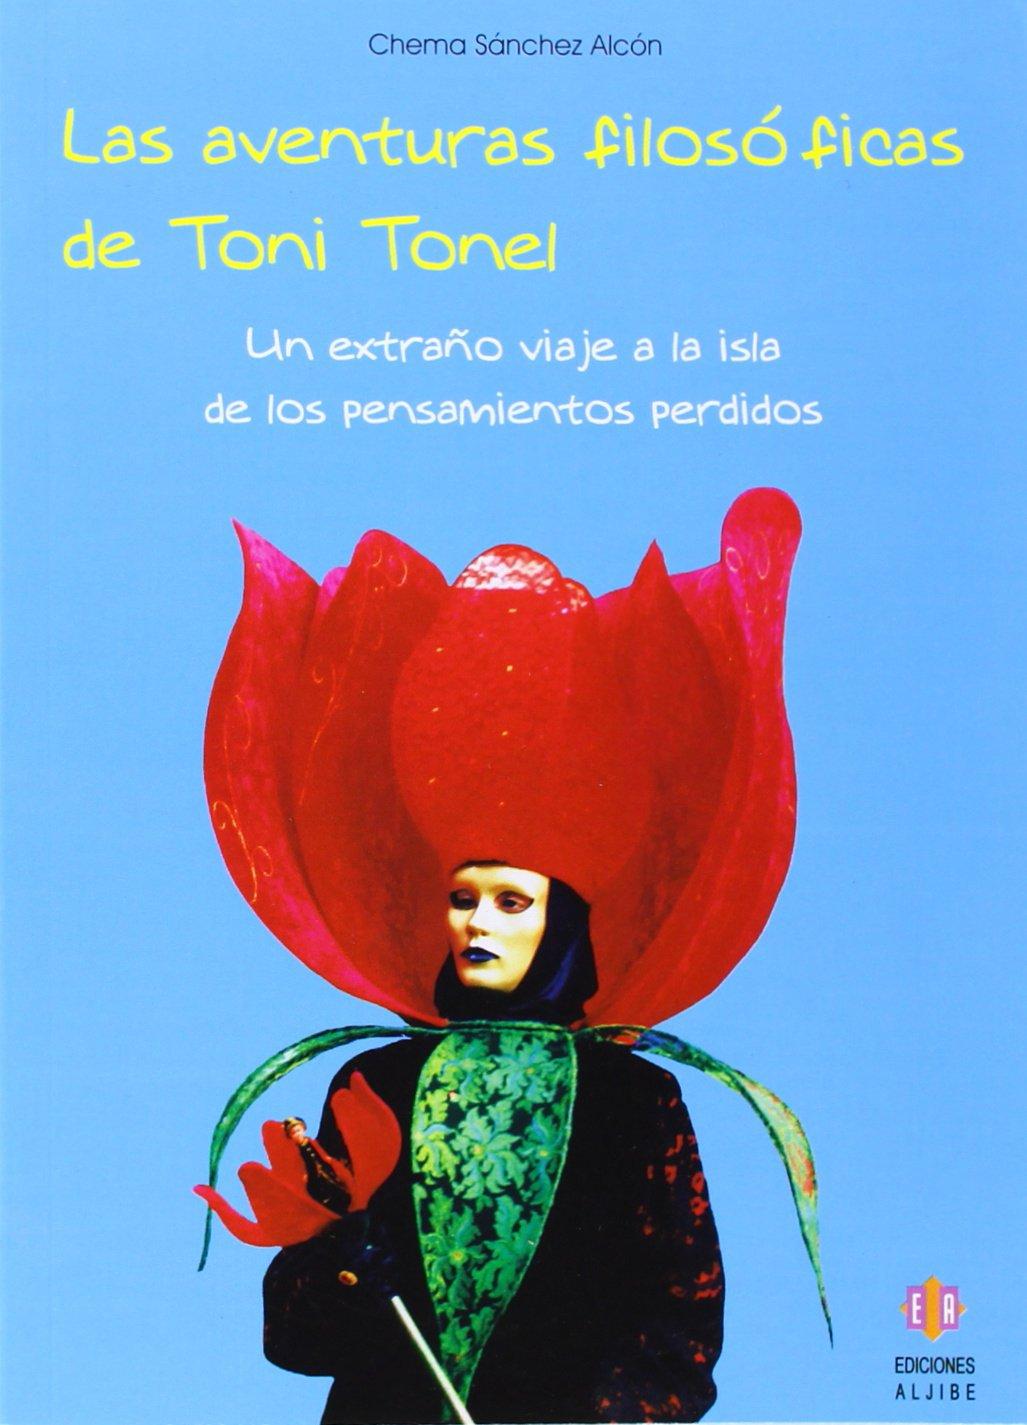 Las aventuras filosóficas de Toni Tonel: Un extraño viaje a la isla de los pensamientos perdidos: Amazon.es: Chema Sánchez Alcón: Libros